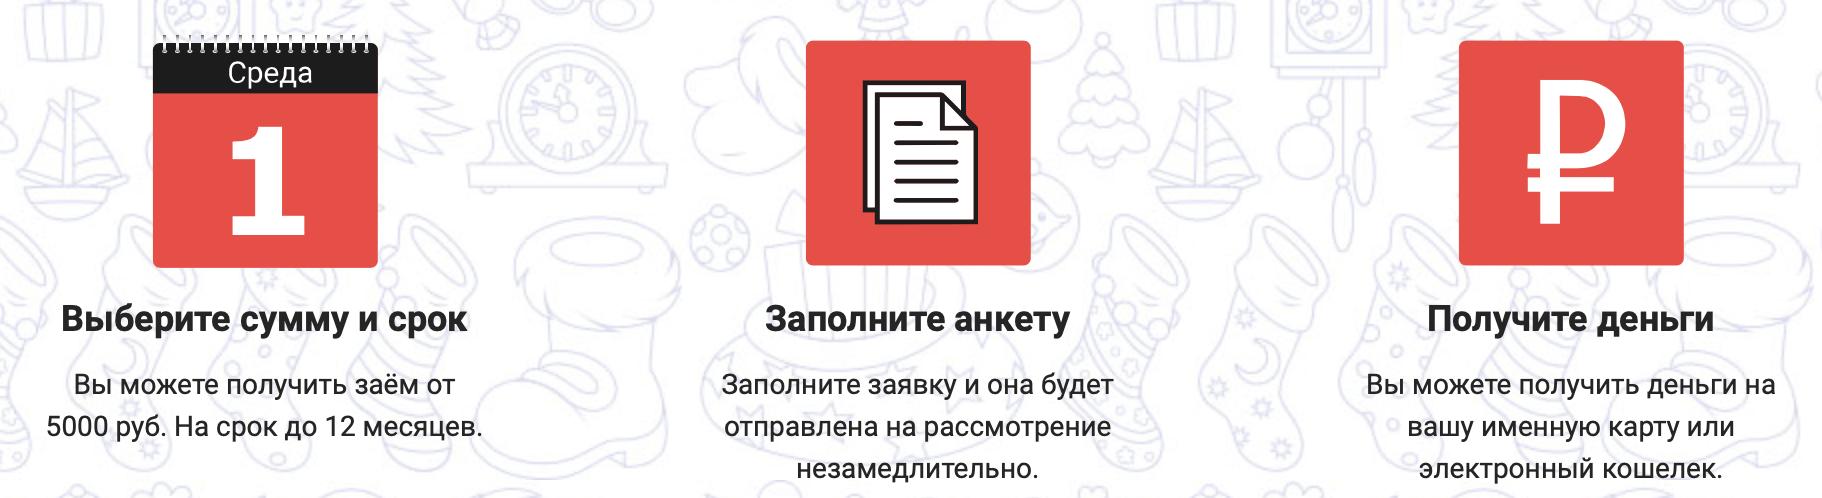 Кредит наличными без подтверждения дохода в новосибирске